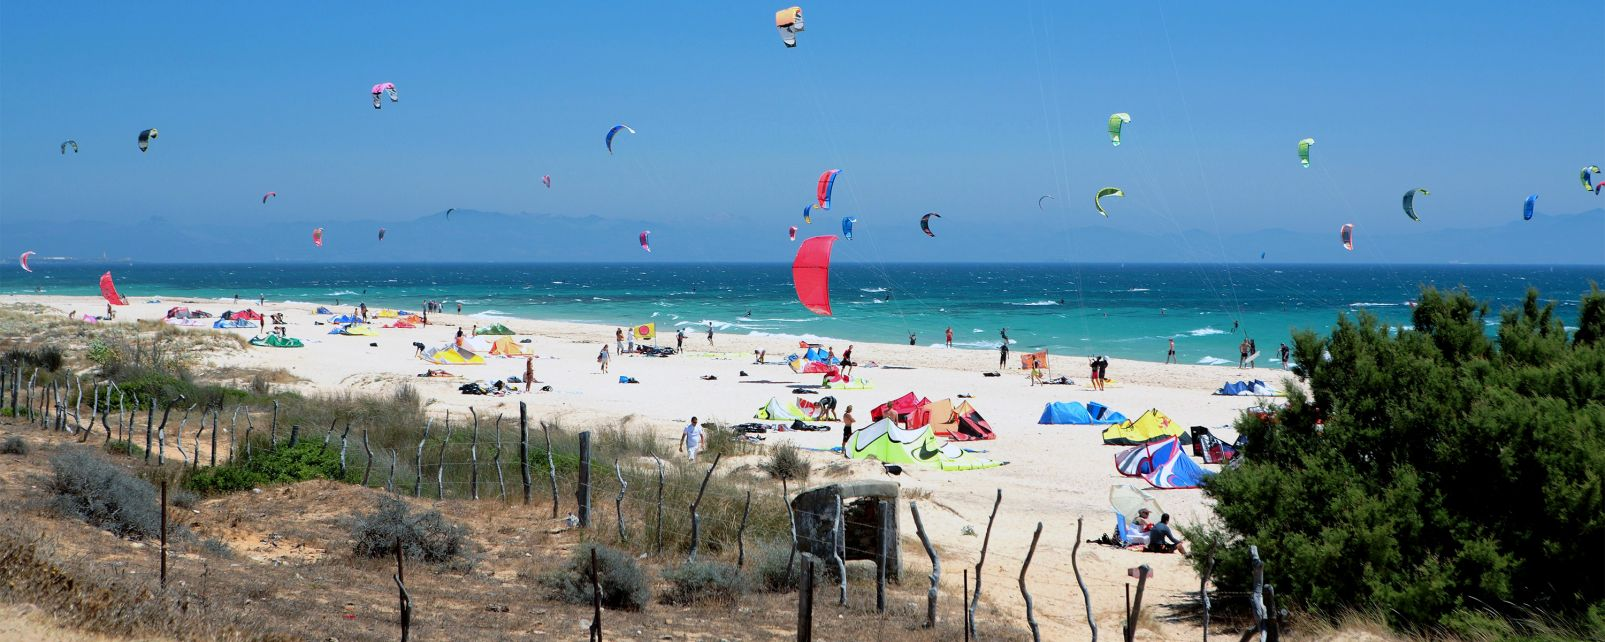 Costa de la Luz, Costa de la Luz- Cadiz y Huelva, Die Küsten, Andalusien